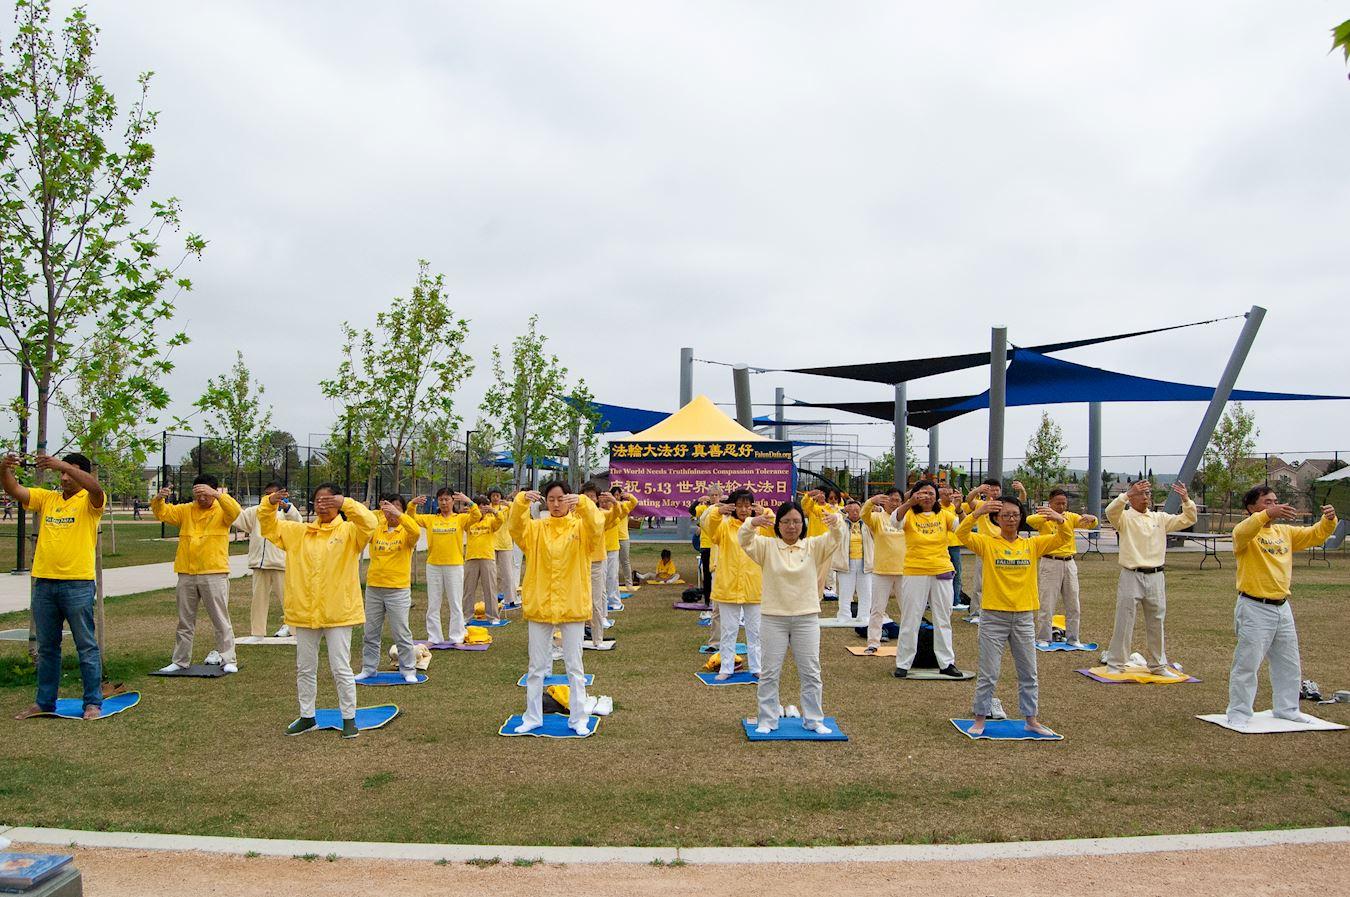 法輪功學員在Mira Mesa社區公園裏集體煉功。(明慧網)